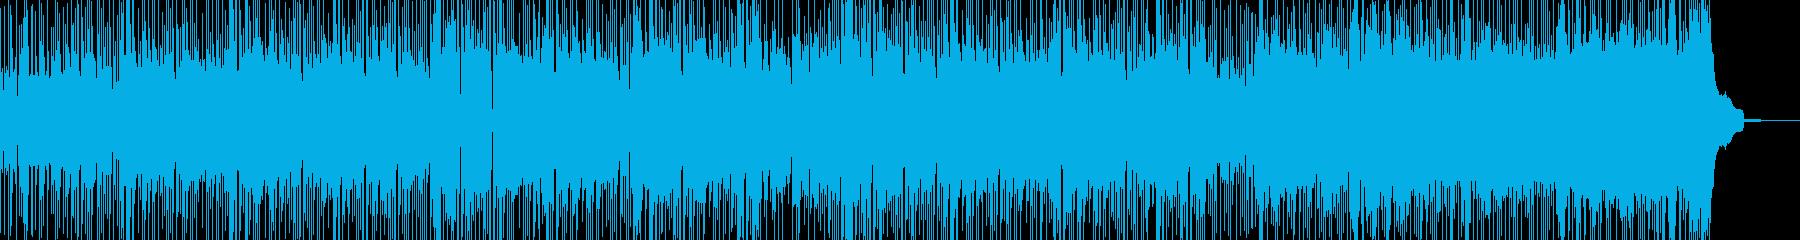 軽やかなリズムで楽しませるポップスの再生済みの波形